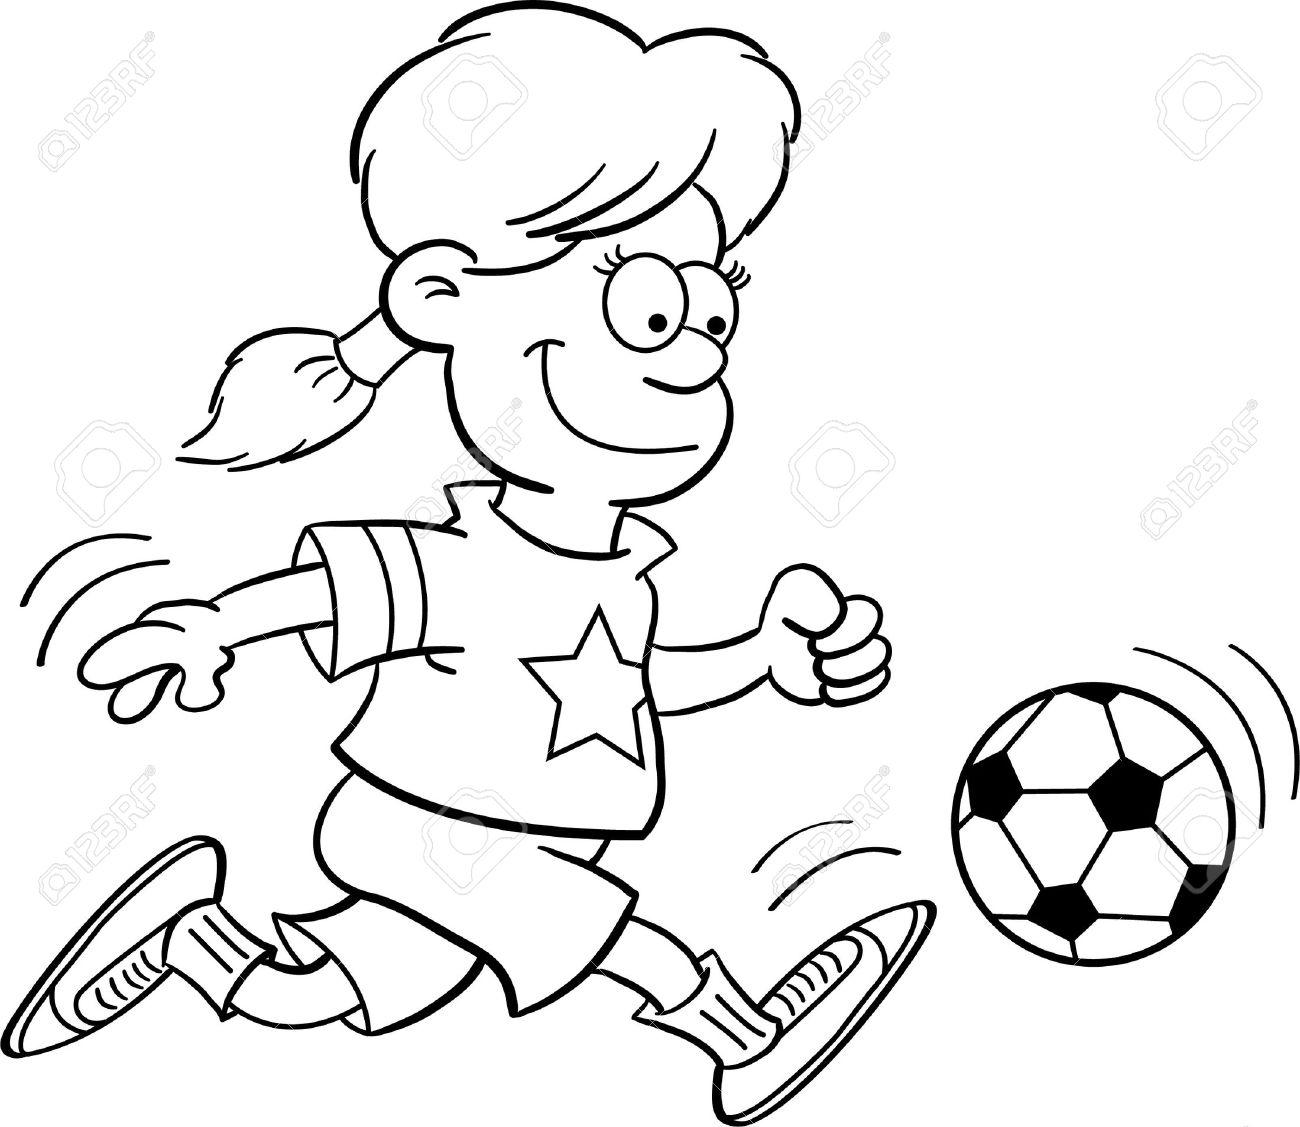 Ilustración En Blanco Y Negro De Una Niña Jugando Fútbol ...